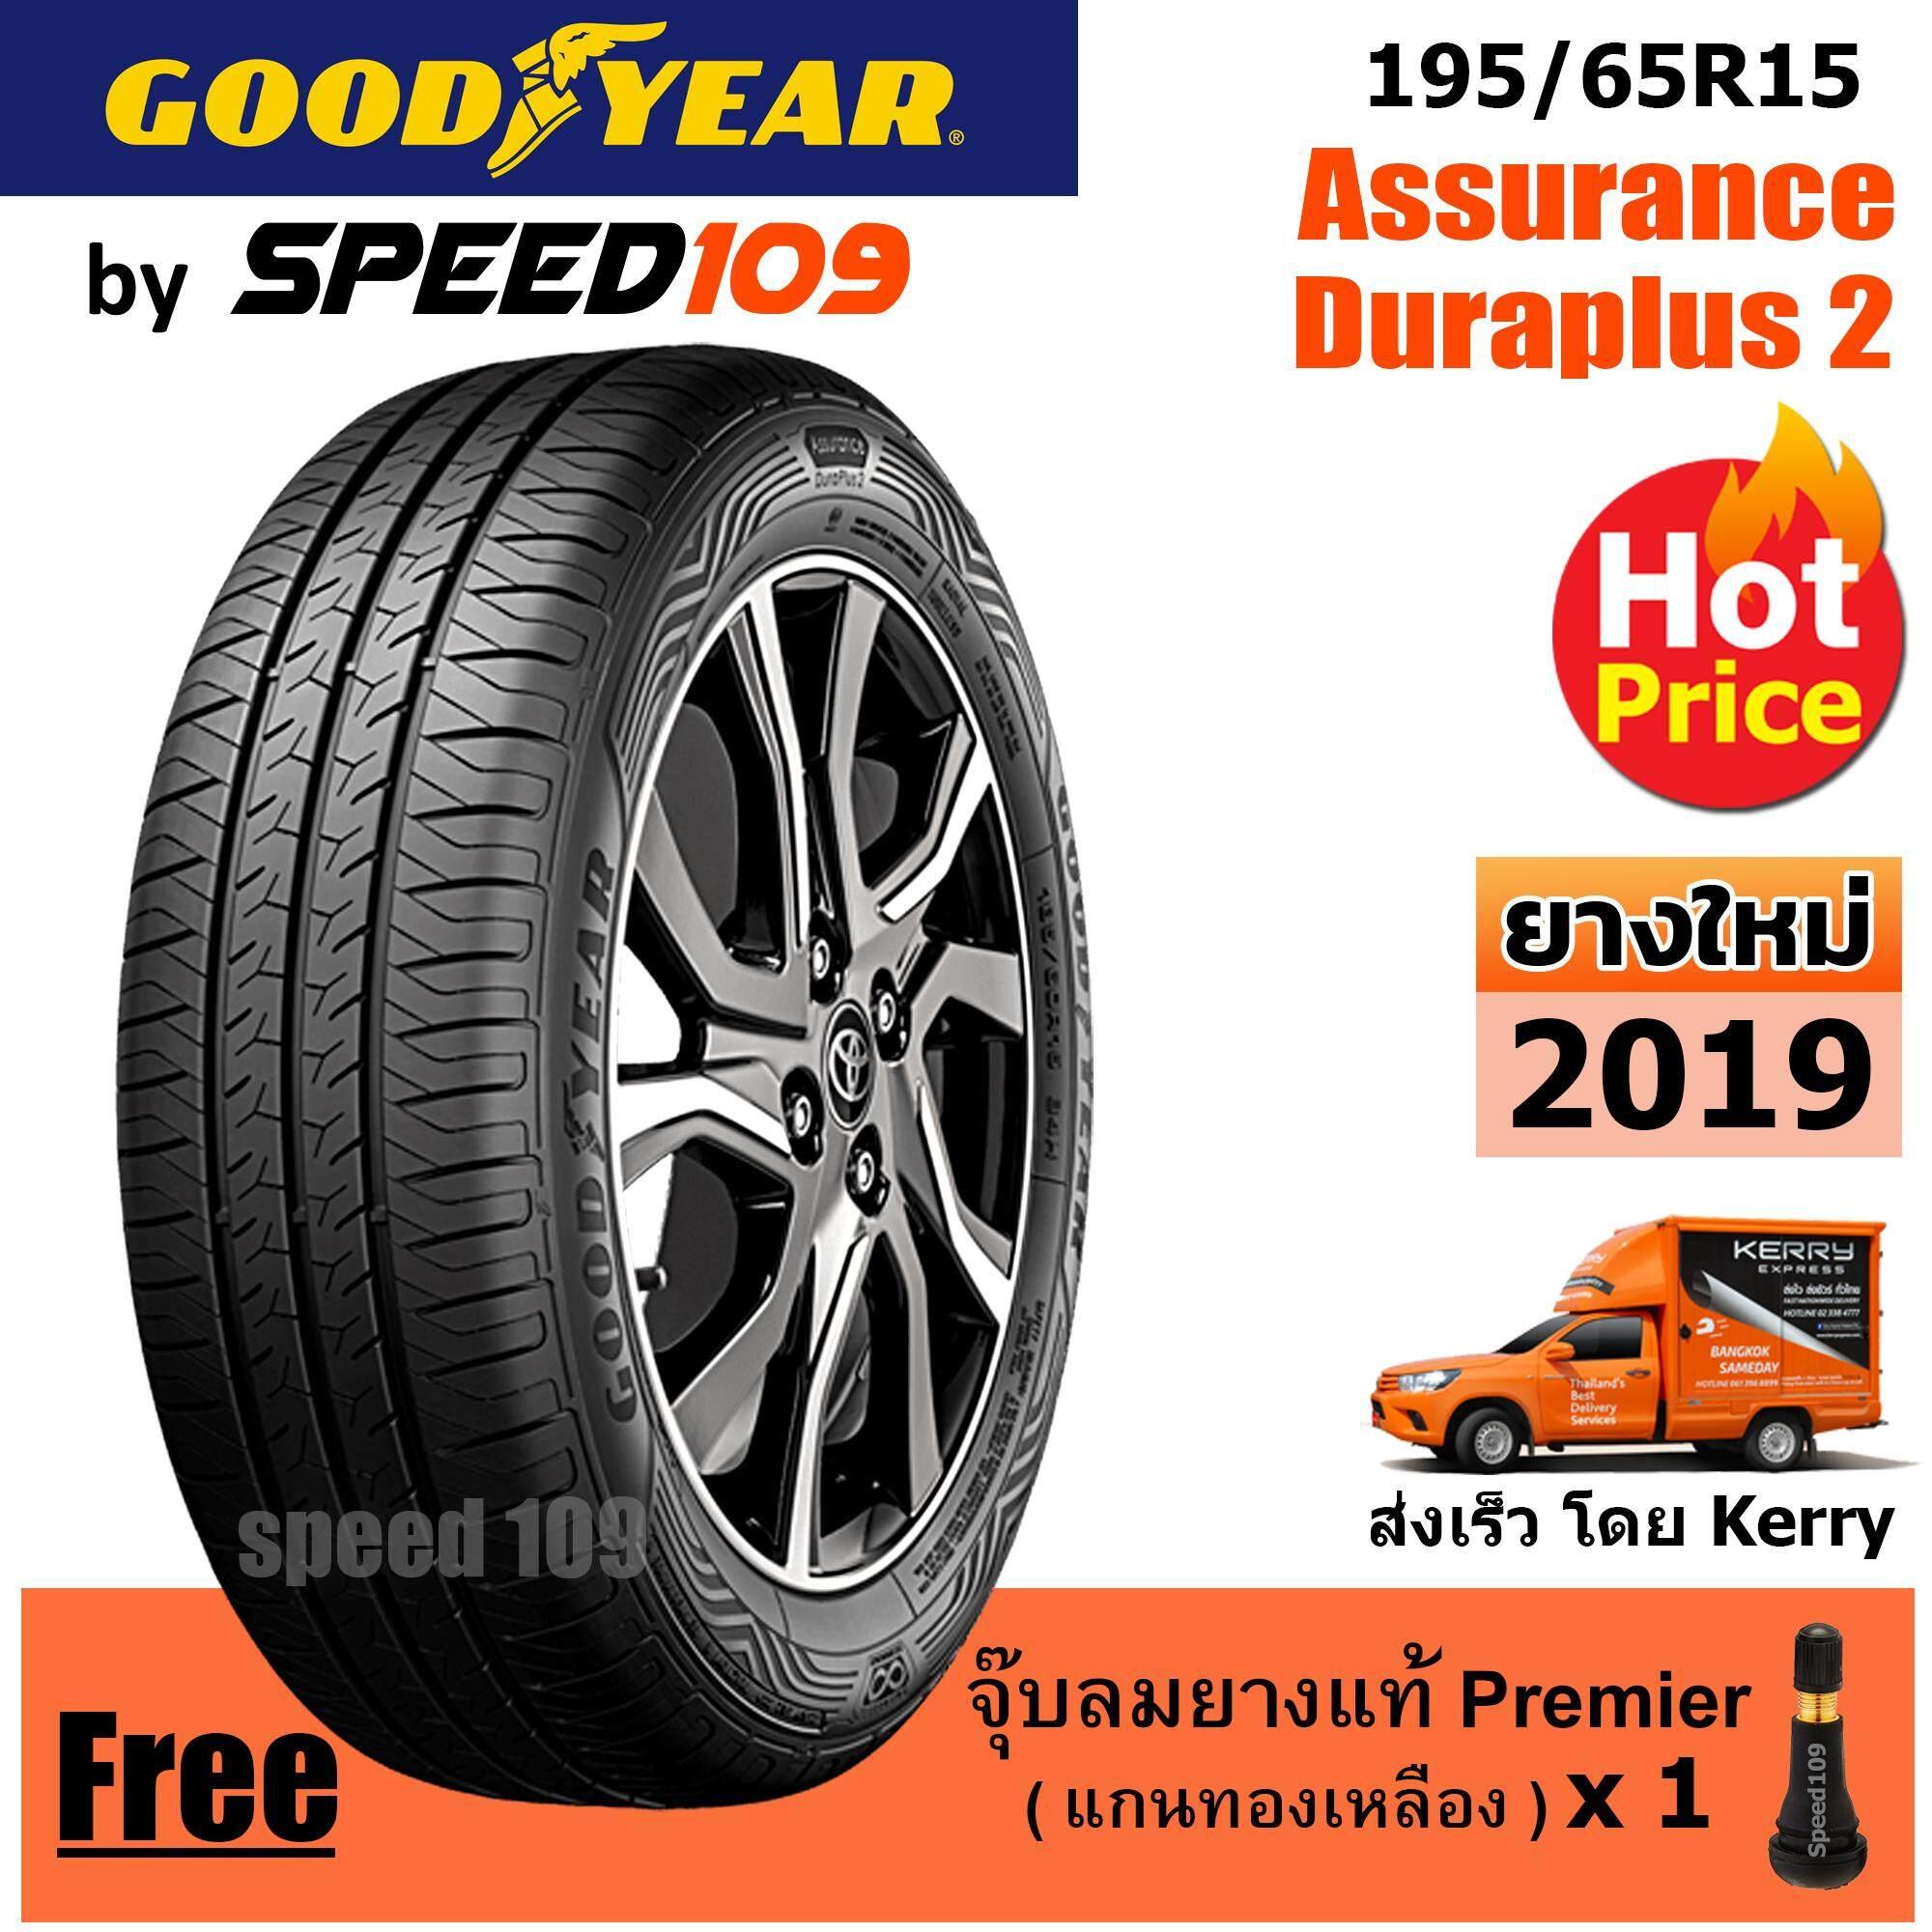 ประกันภัย รถยนต์ แบบ ผ่อน ได้ พัทลุง GOODYEAR  ยางรถยนต์ ขอบ 15 ขนาด 195/65R15 รุ่น Assurance Duraplus 2 - 1 เส้น (ปี 2019)